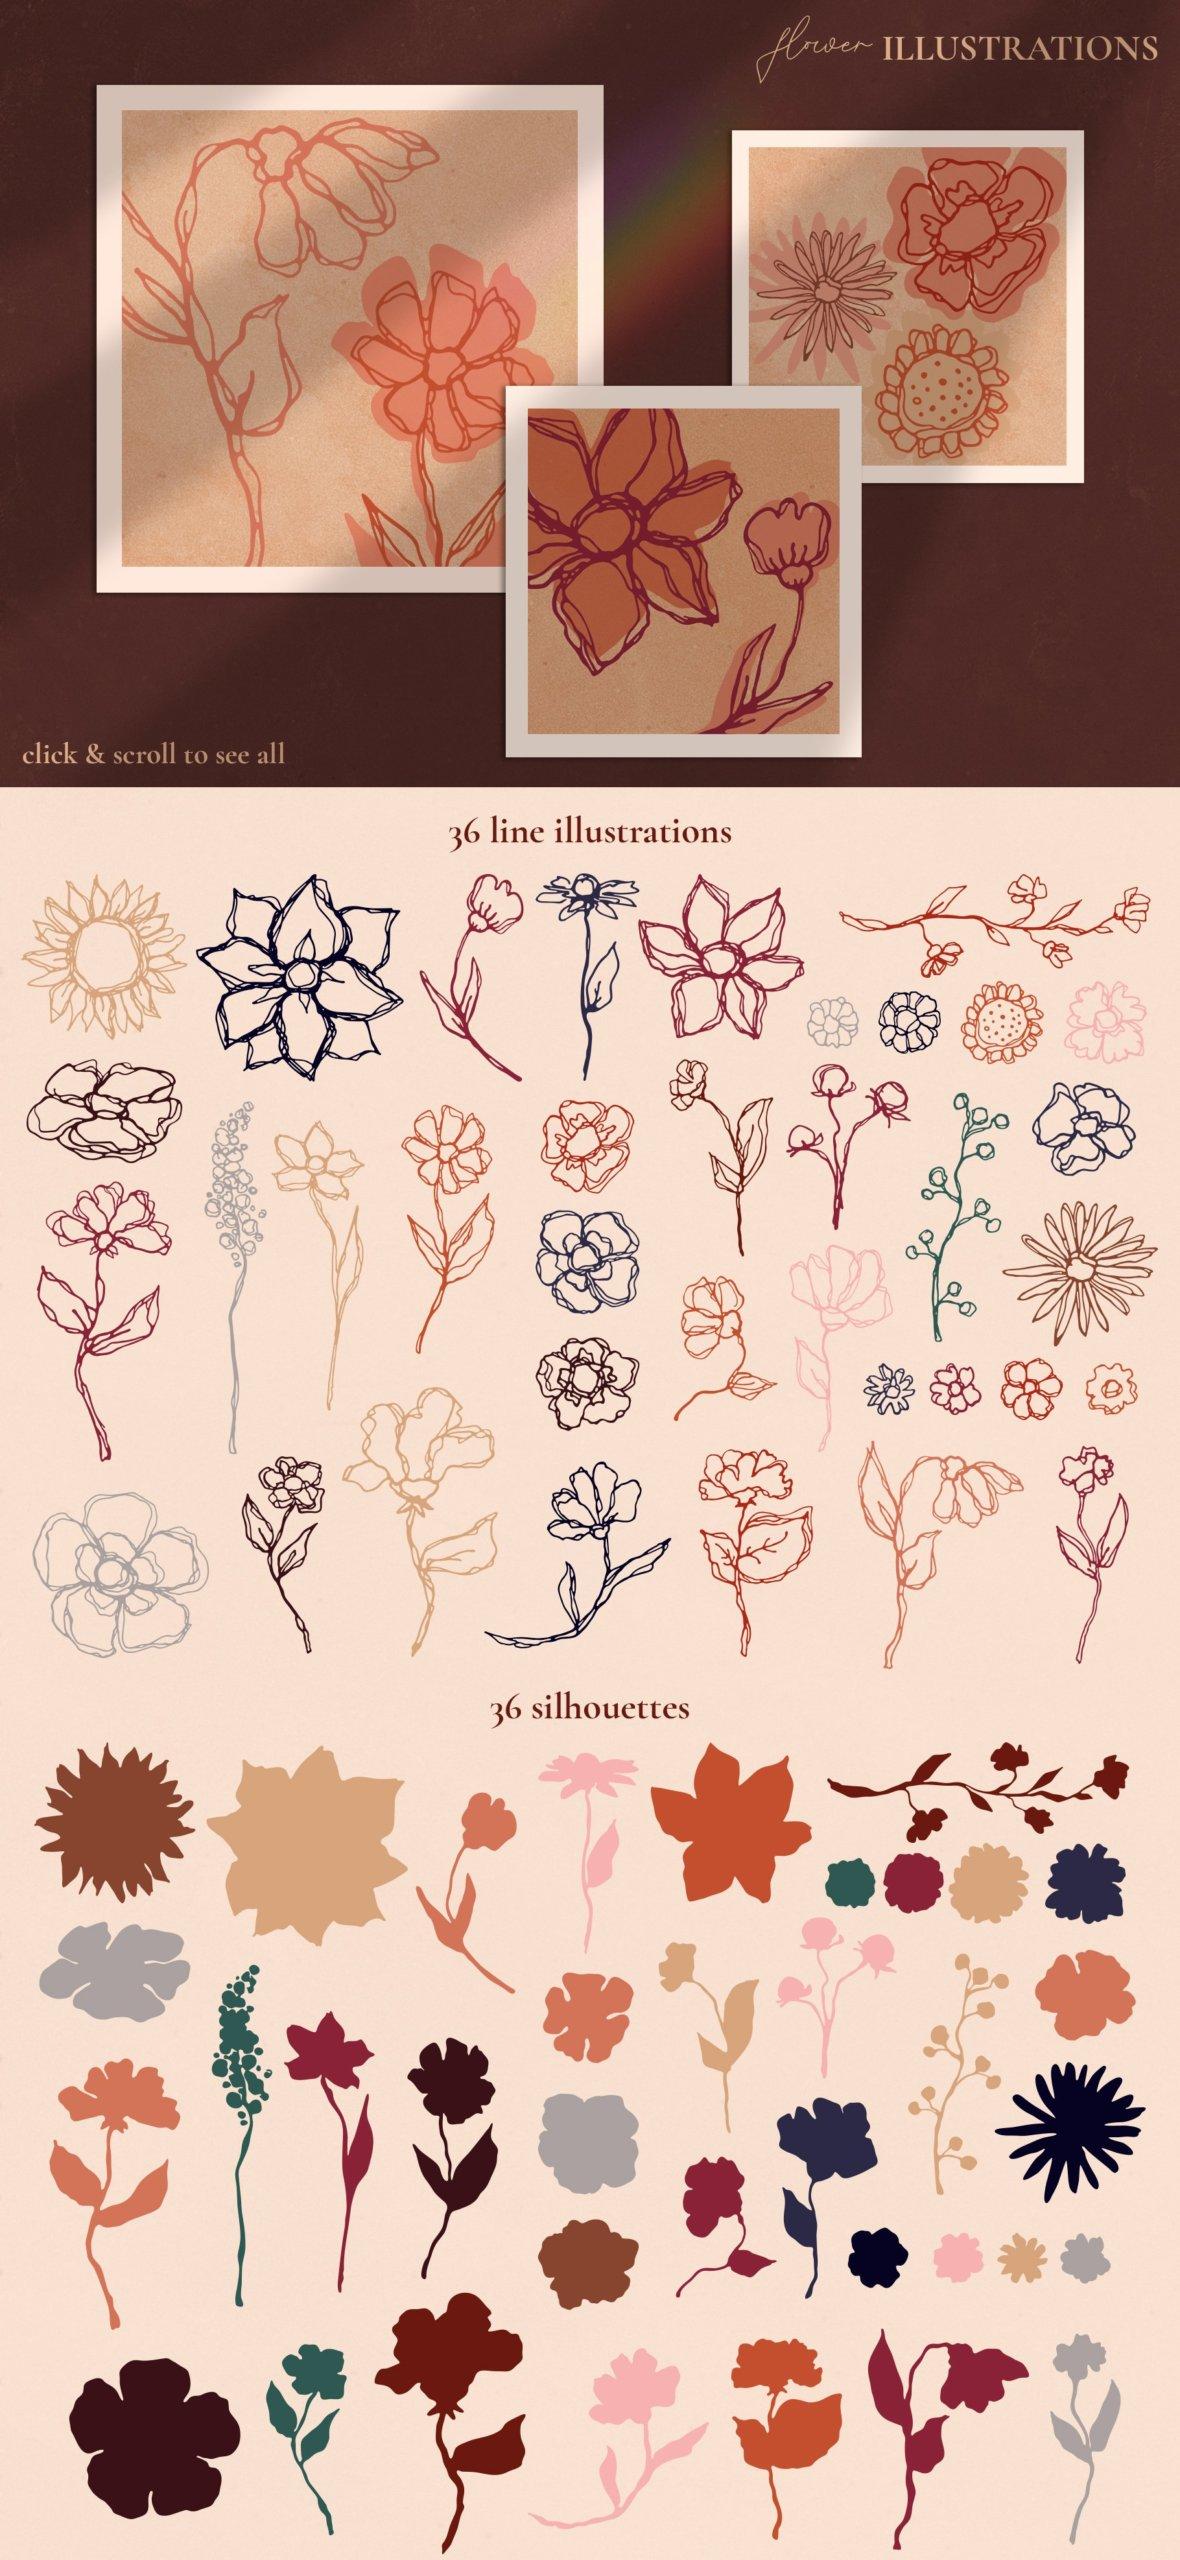 [单独购买] 现代优雅抽象花卉图形艺术线条金色箔纸设计套件 Abstract Line Art Design Kit插图8